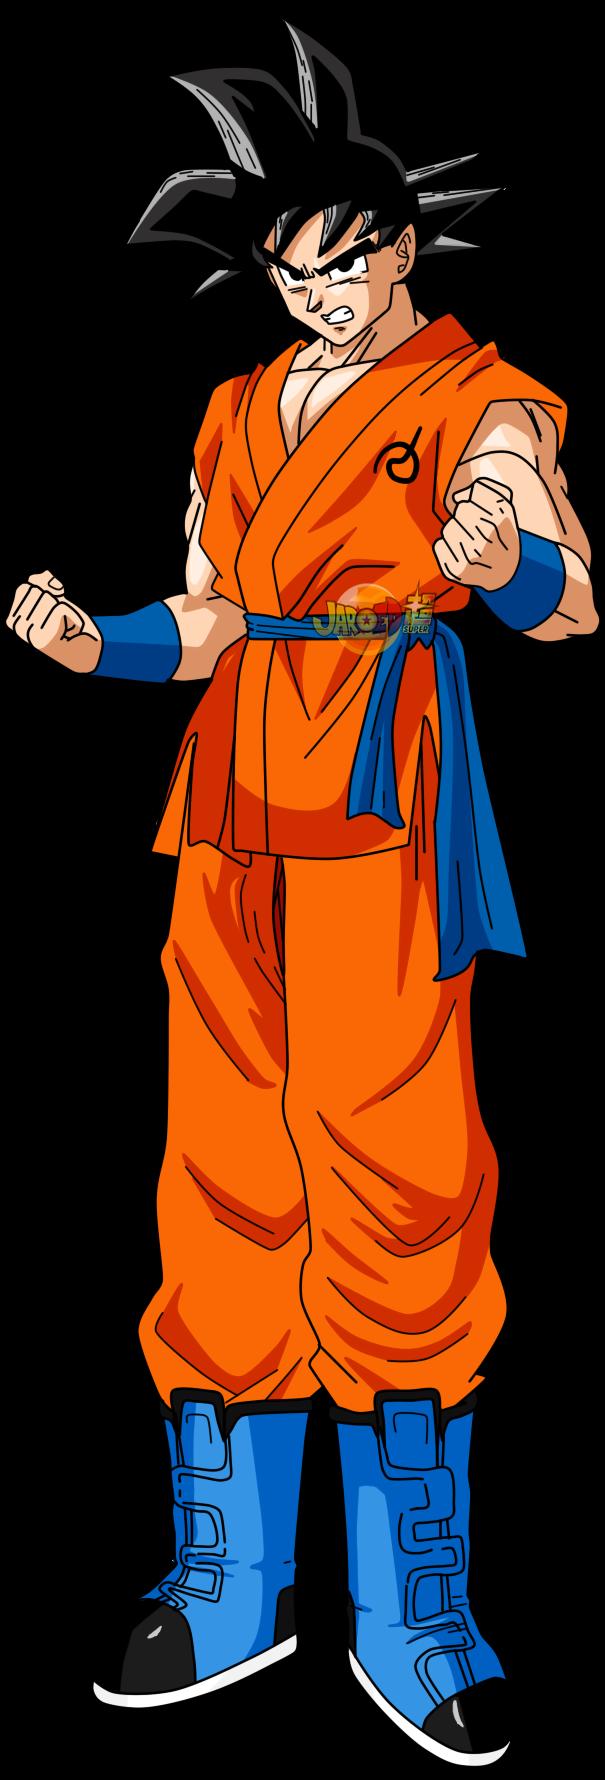 Goku Normal v4 by jaredsongohan on DeviantArt